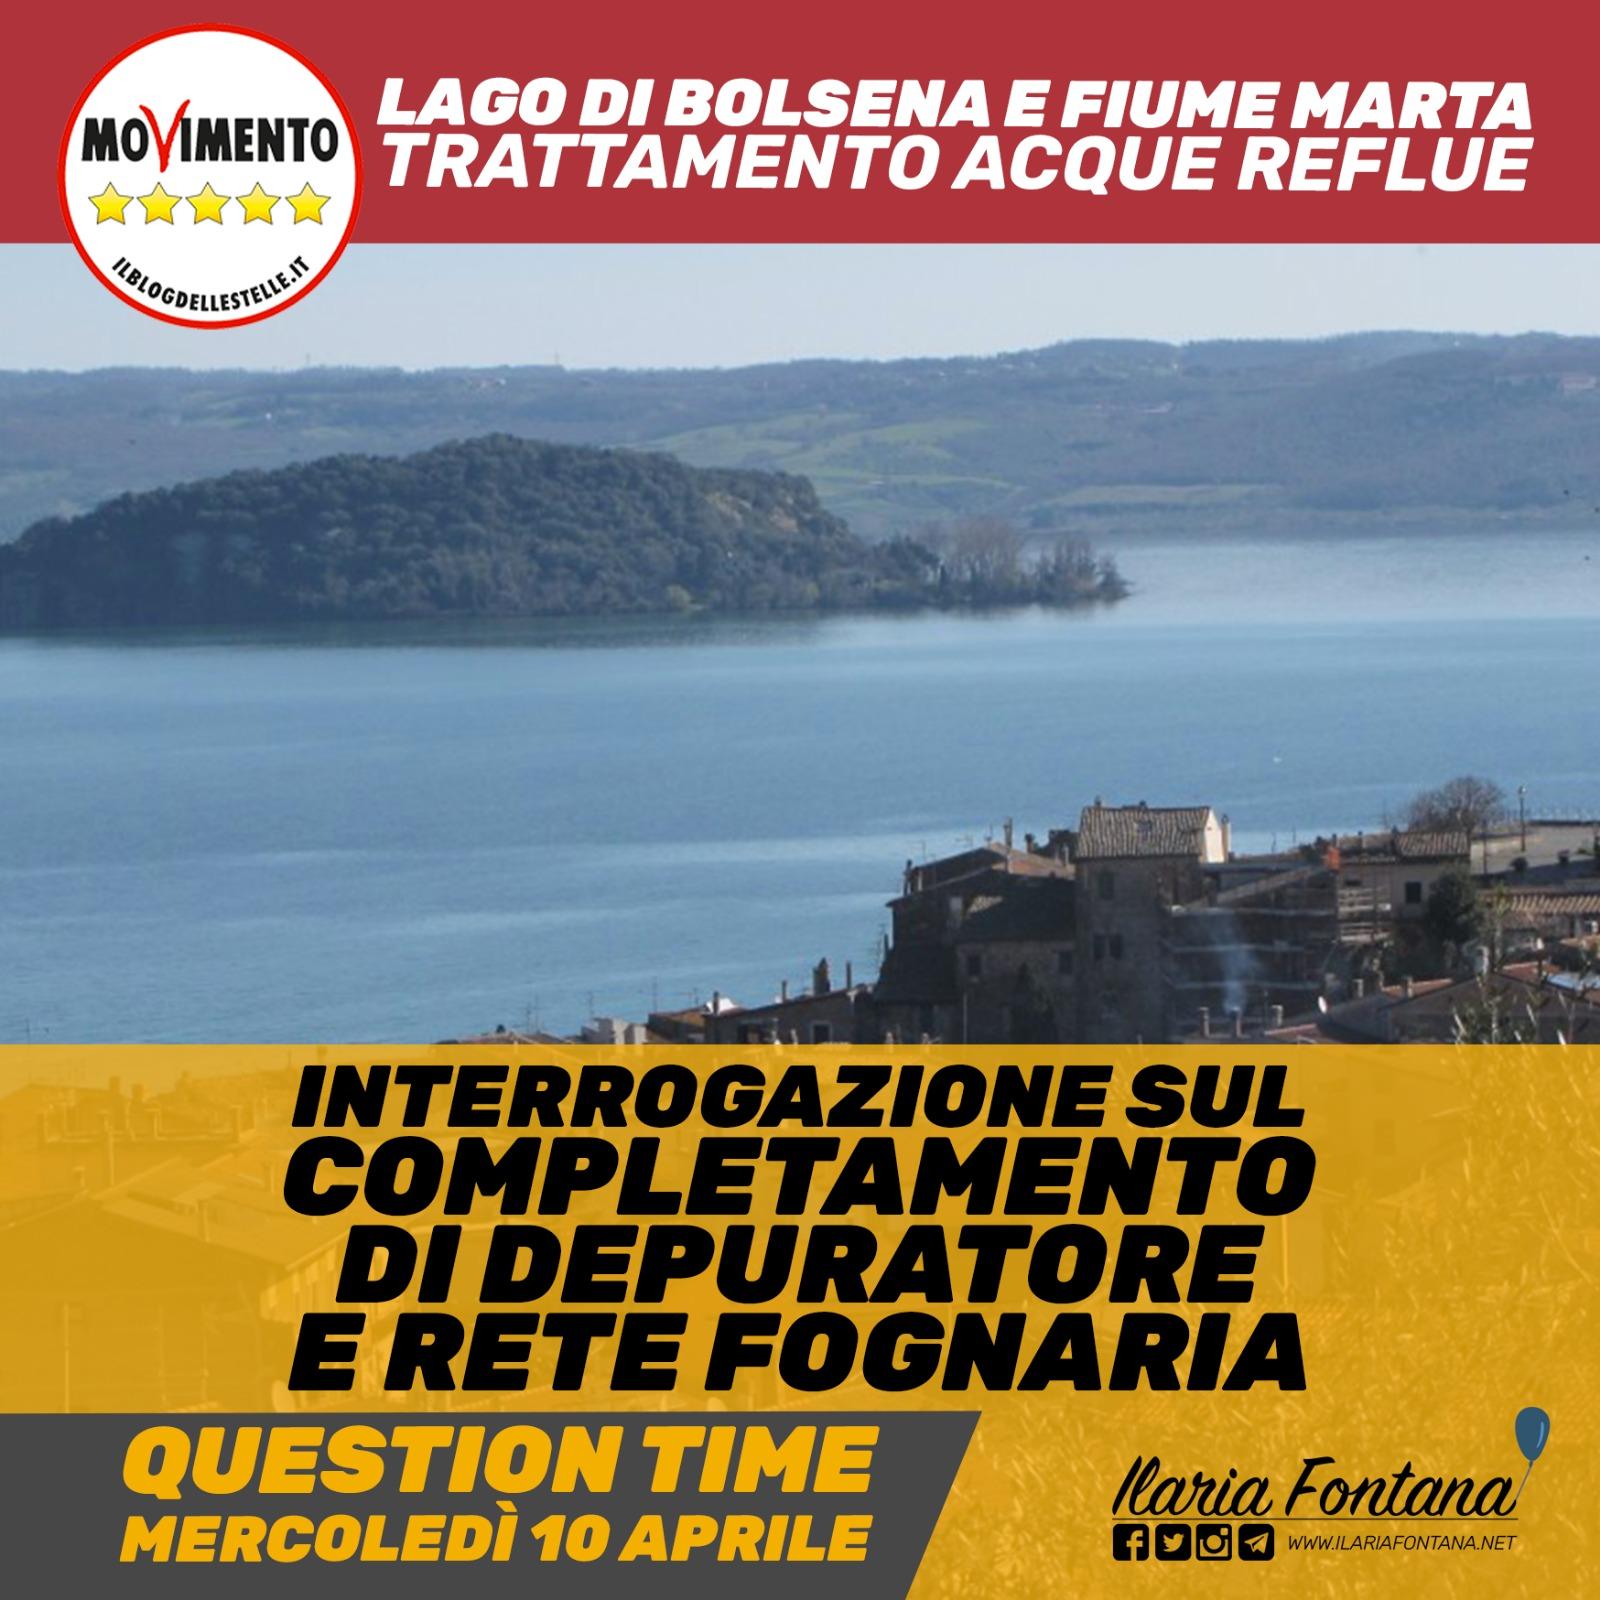 Lago di Bolsena e fiume Marta, interrogazione immediata in Commissione Ambiente